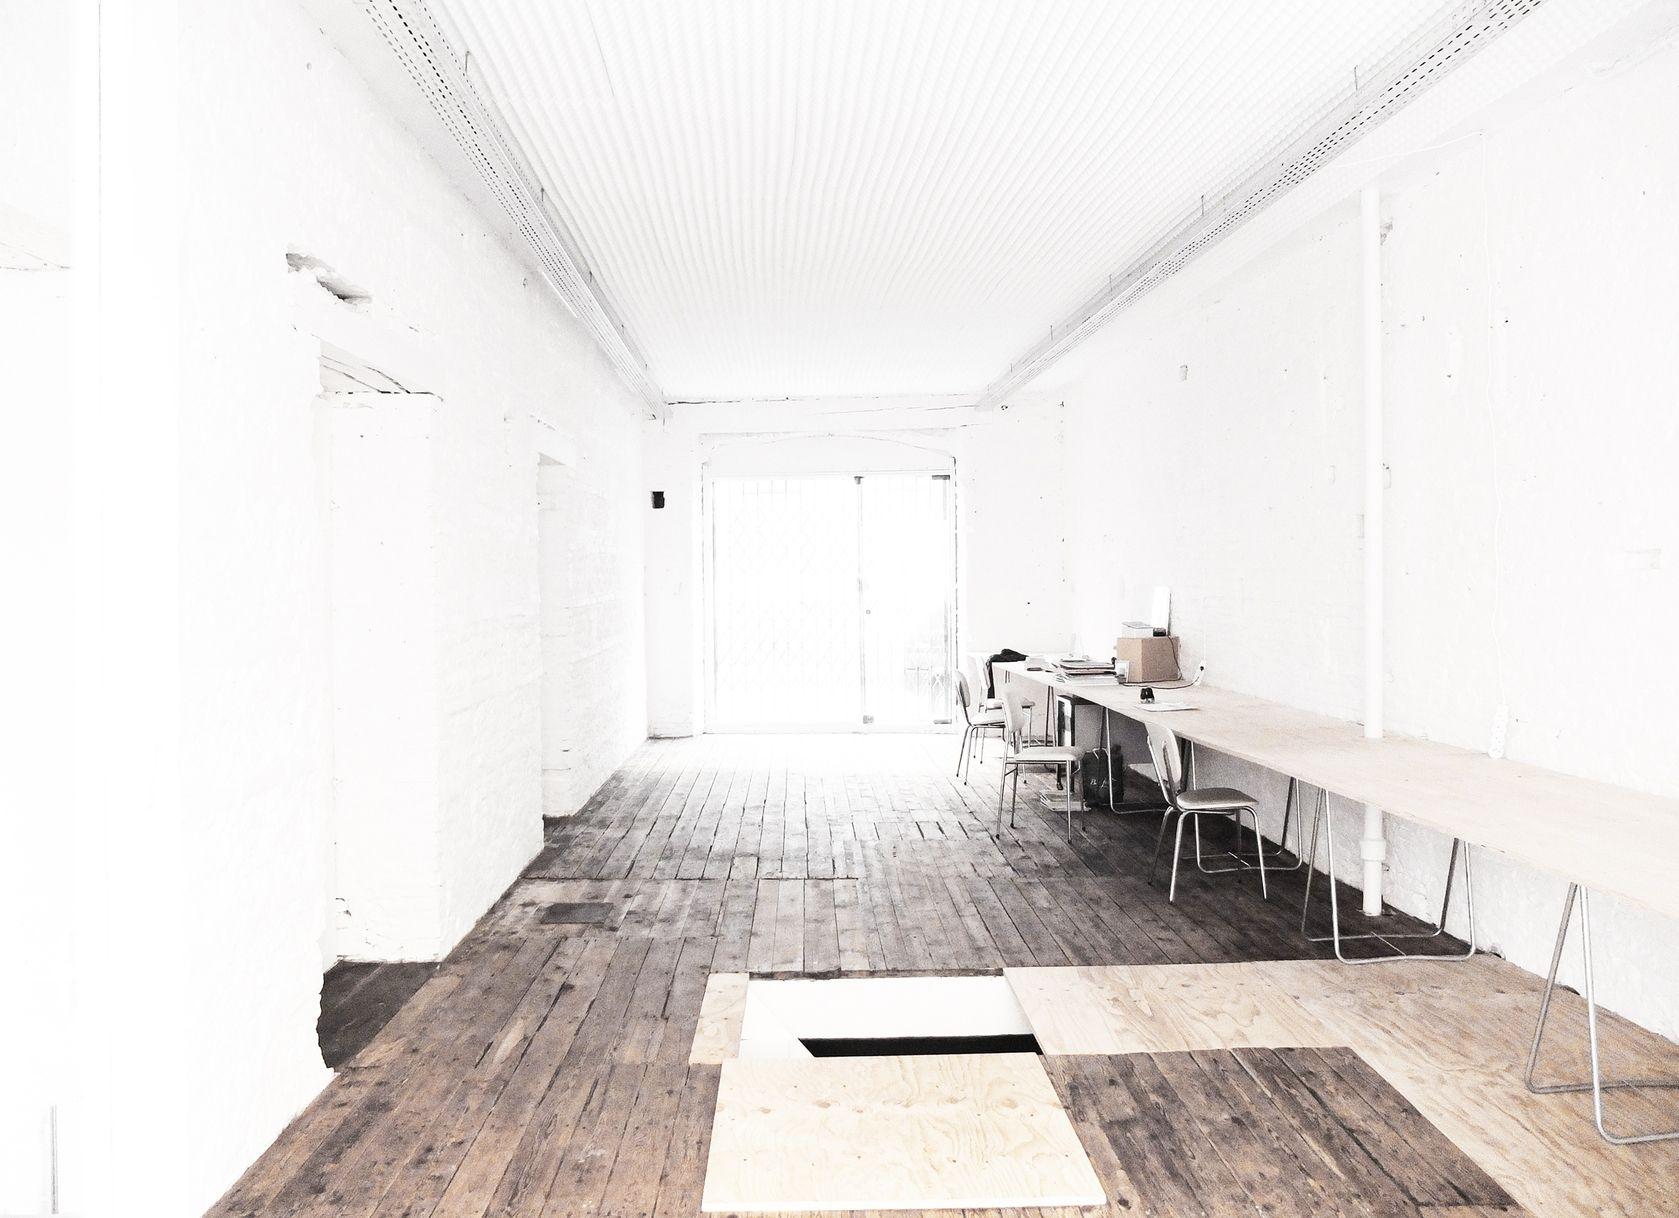 B bureau architectures sans titre by bast at architizer